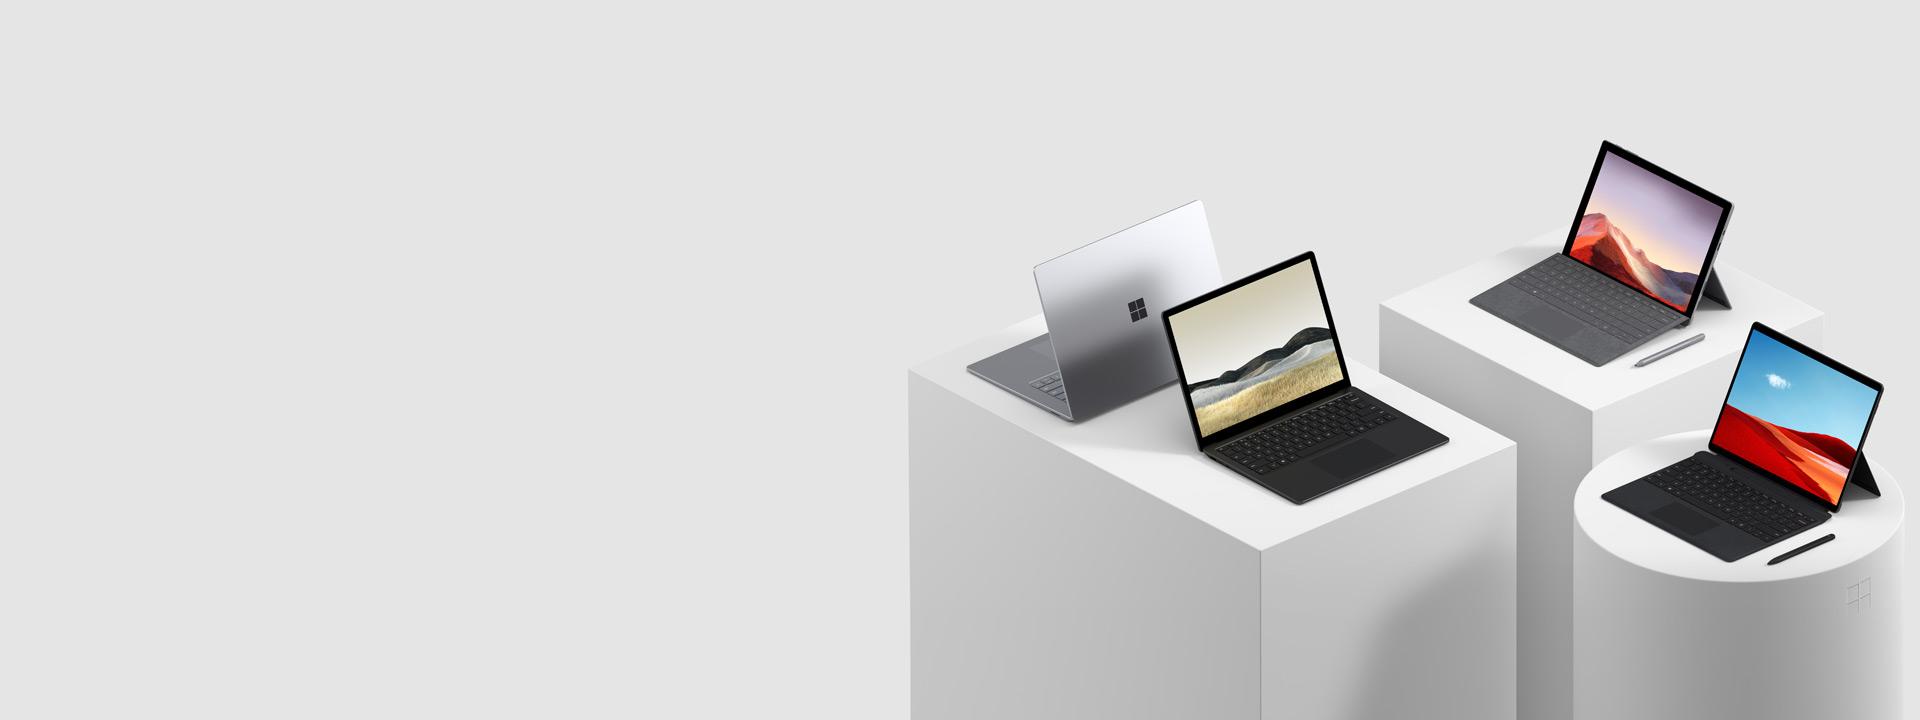 Mehrere Computer von Surface, darunter Surface Pro 7, Surface Pro X, Surface Book 2, Surface Studio 2 und Surface Go